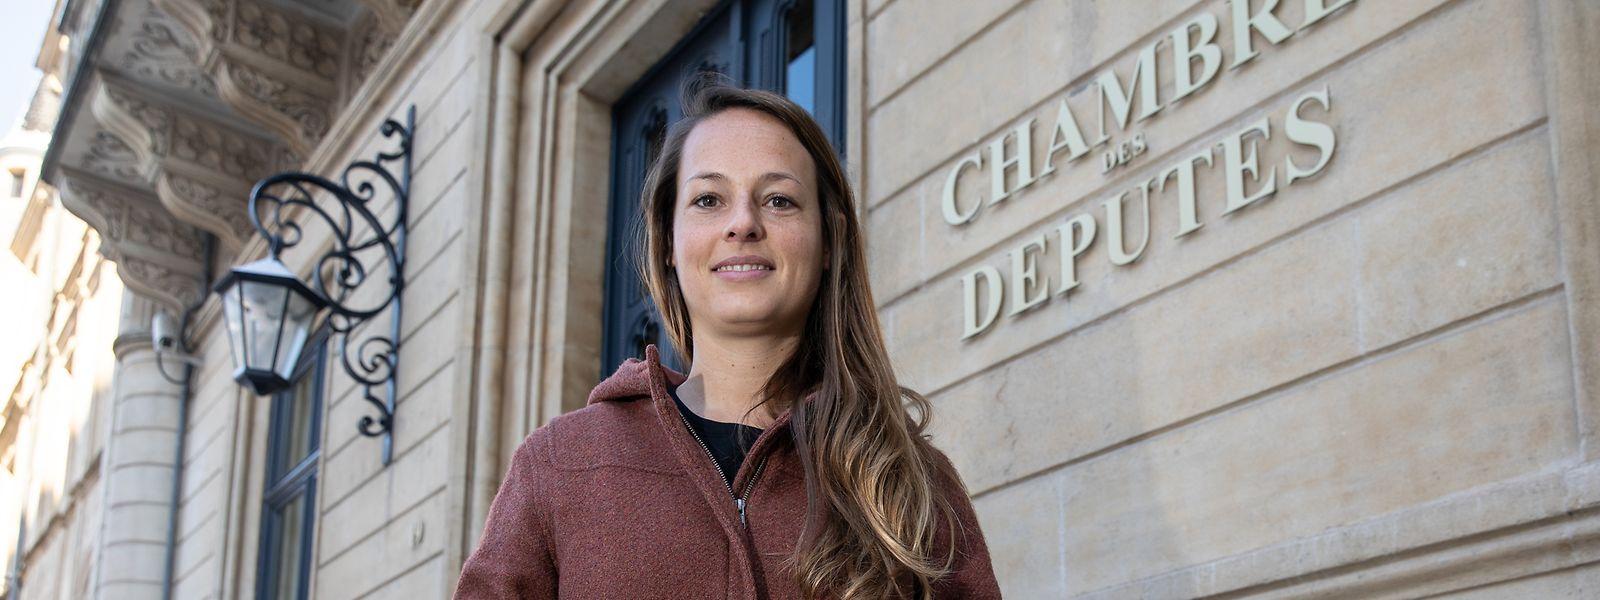 Chantal Gary ist seit Oktober 2019 Mitglied des Parlaments.